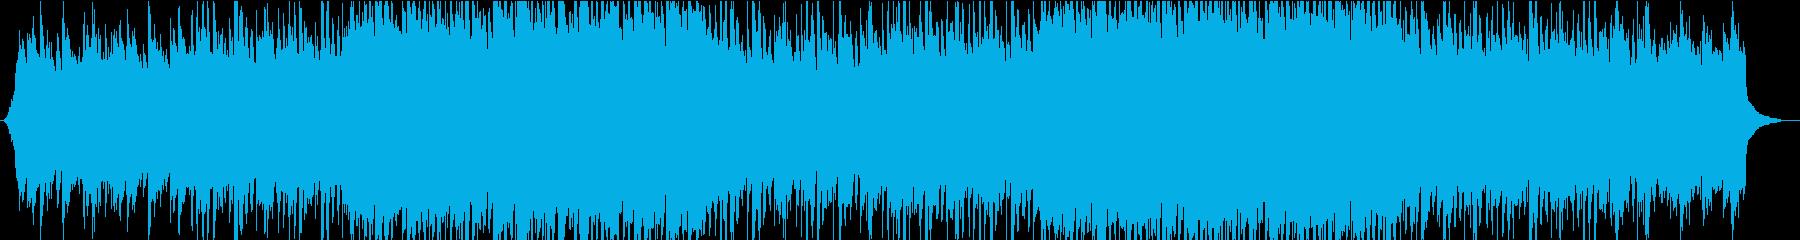 ピアノとギターが印象的なコーポレートの再生済みの波形